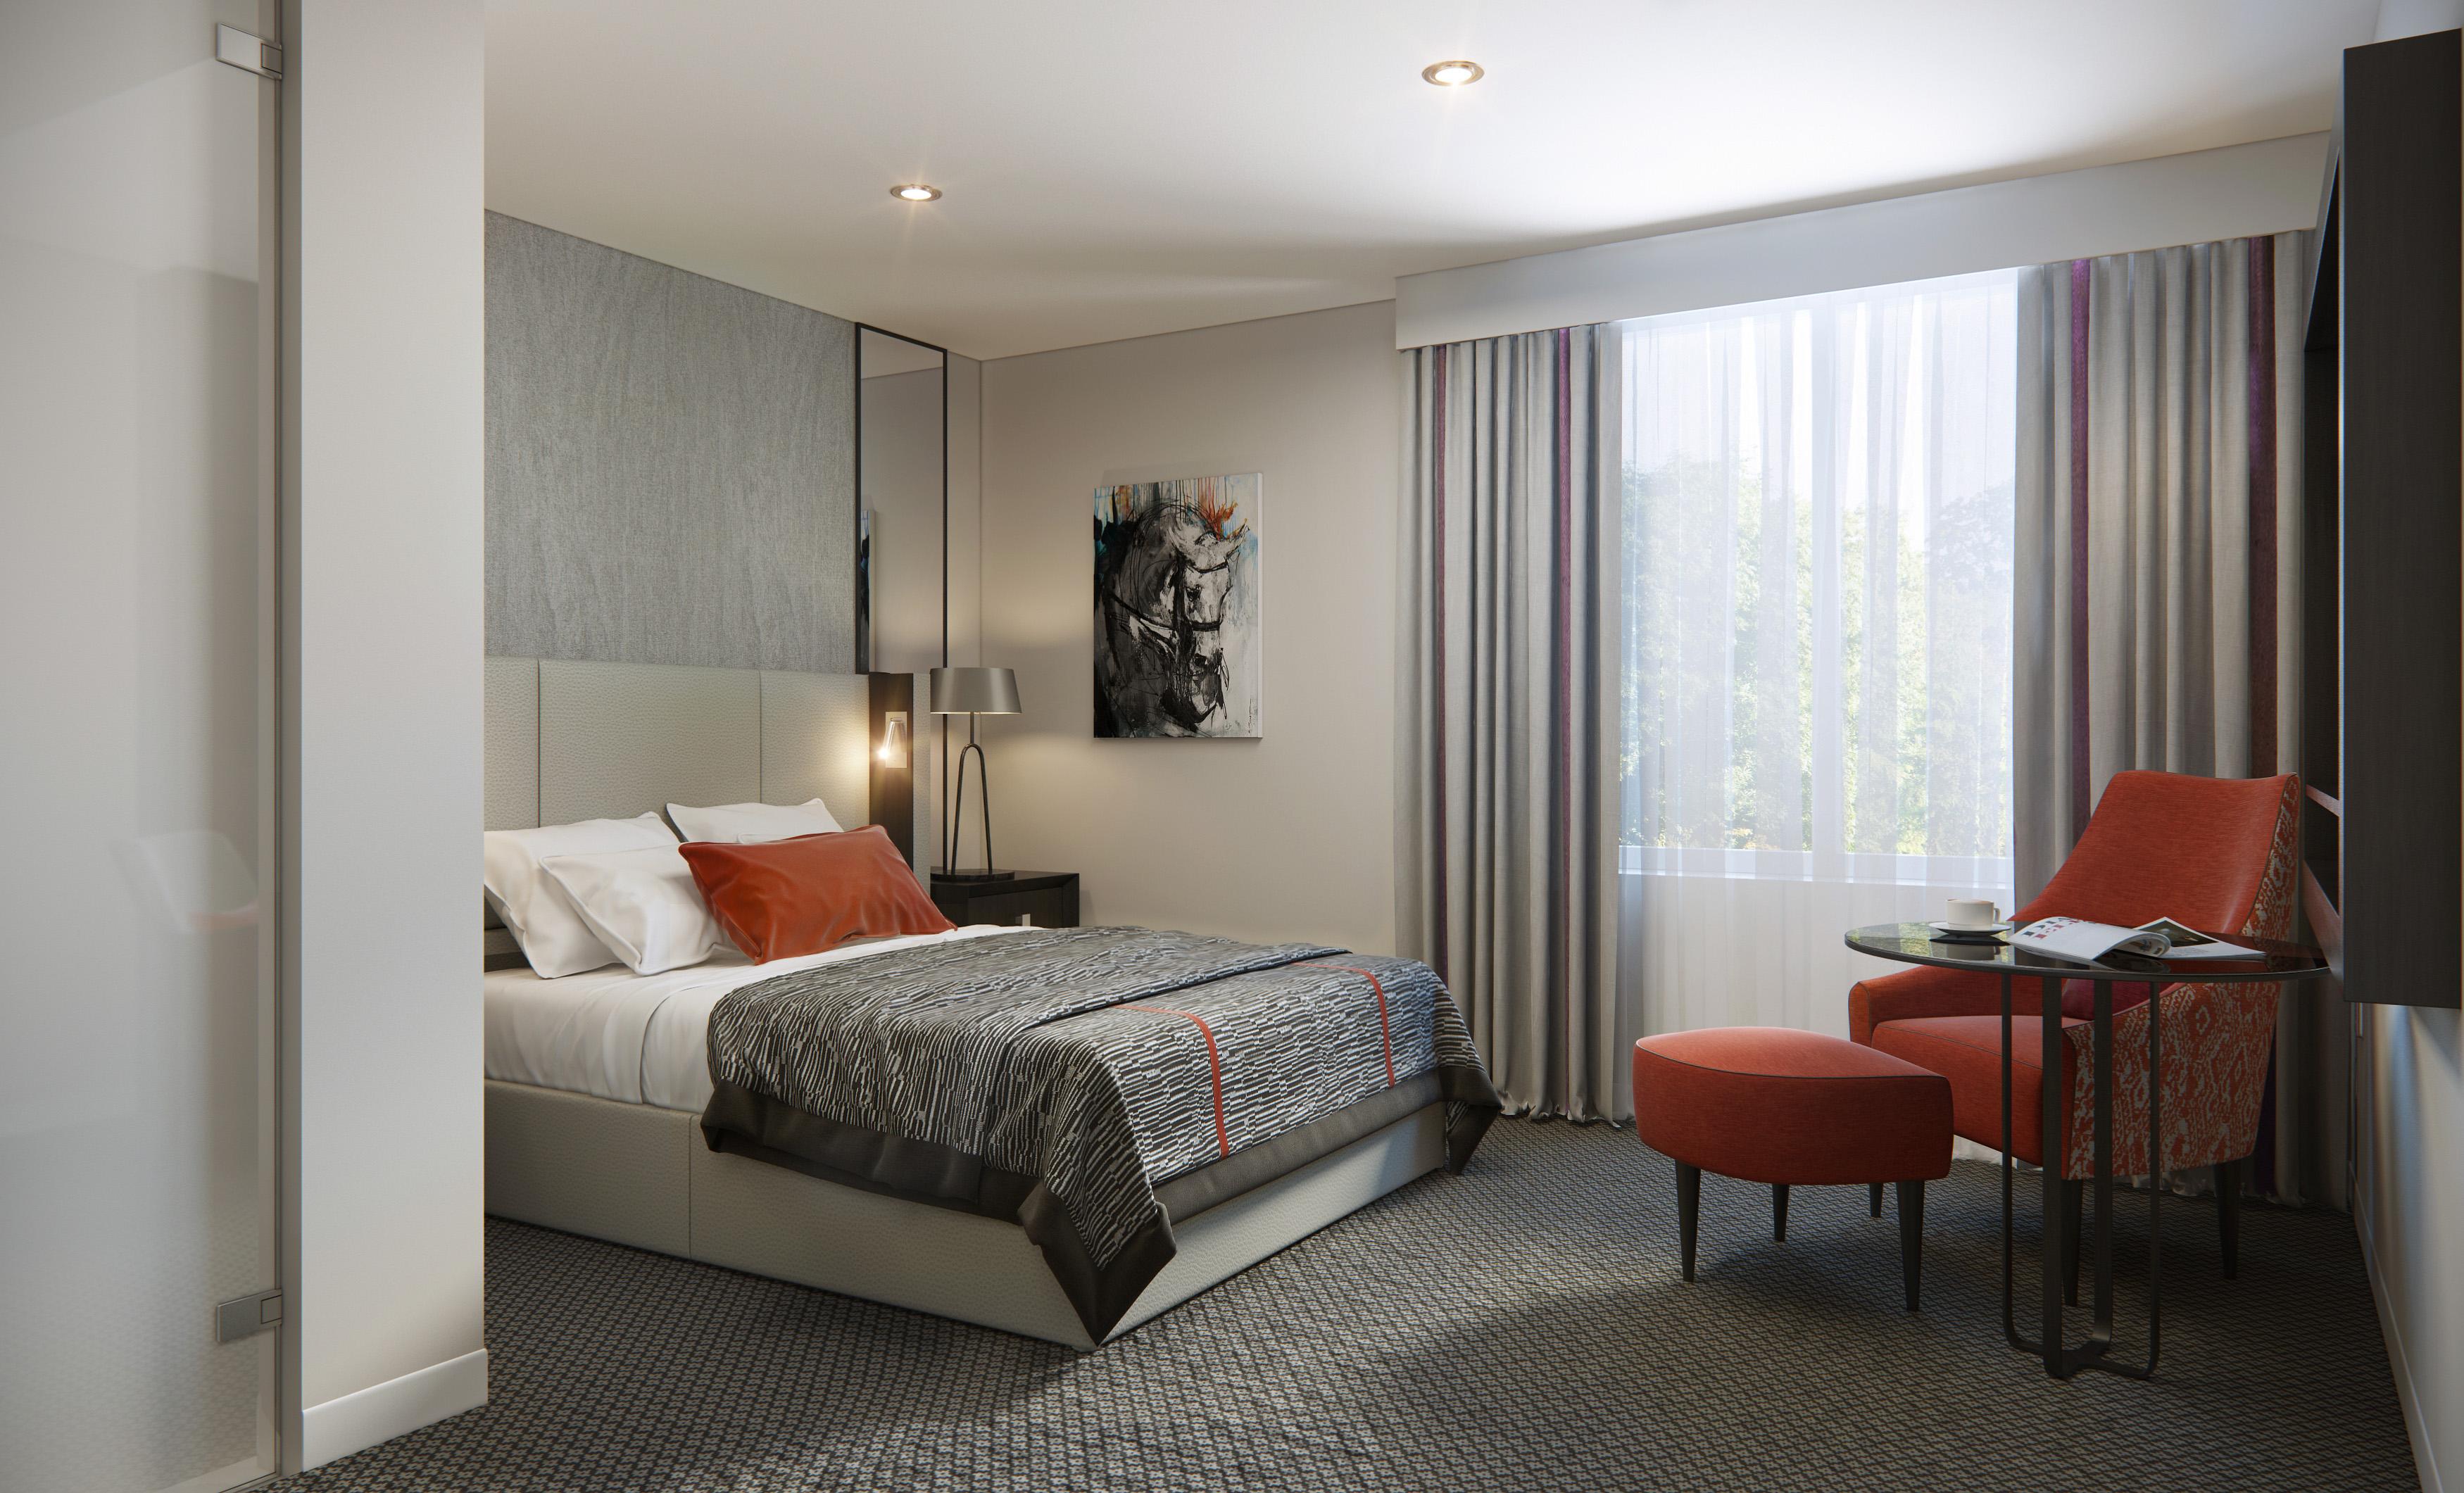 bedroom_add#2_var2_view1_final